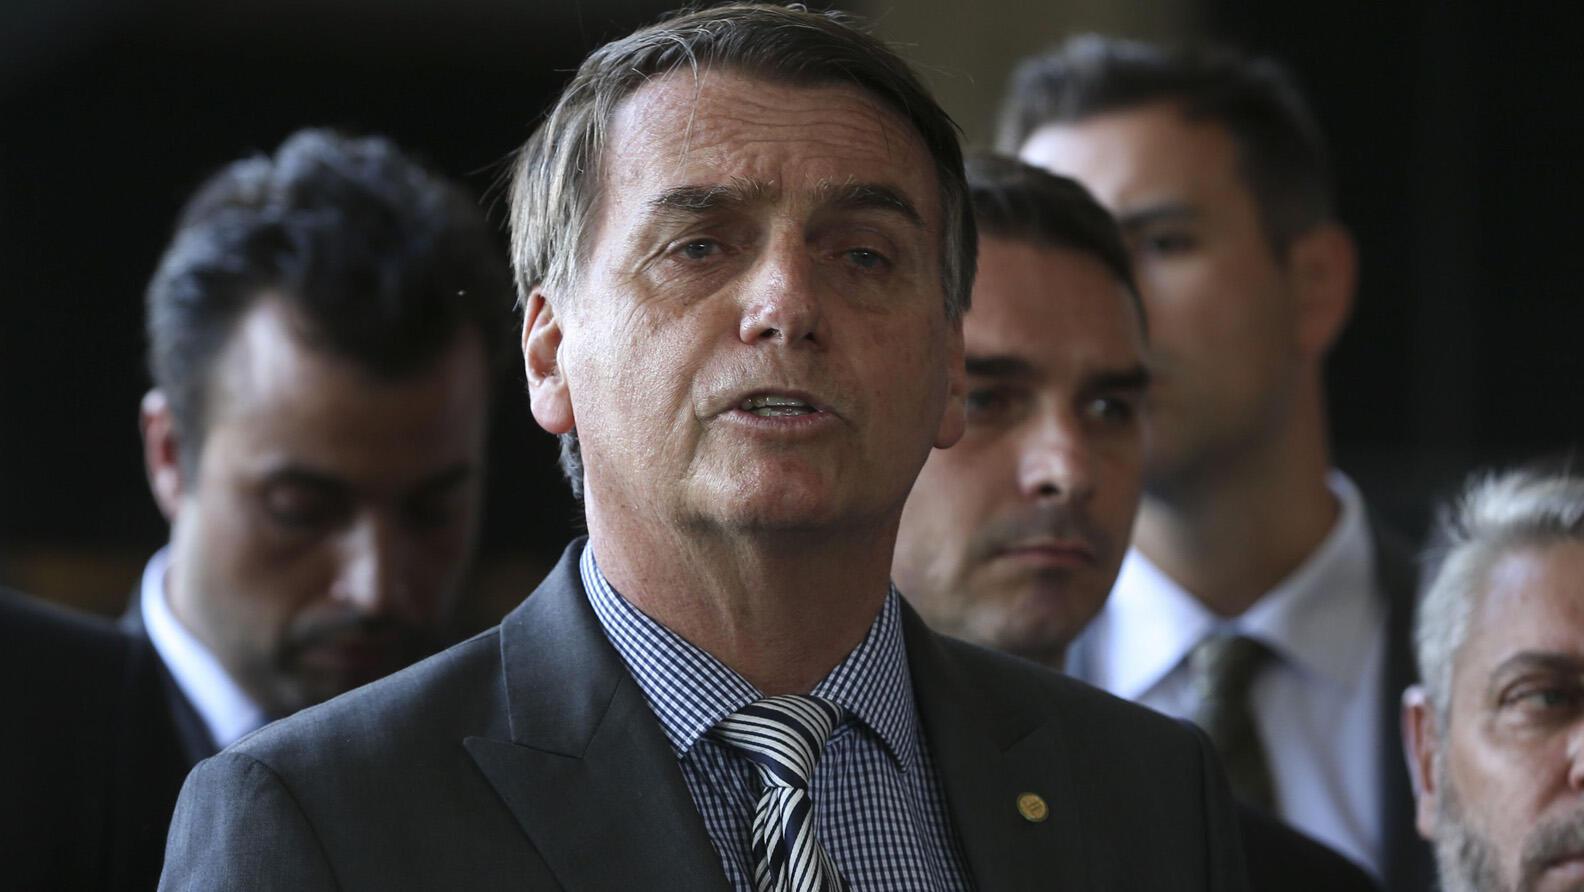 O presidente eleito Jair Bolsonaro partiicpará do Fórum Econômico de Davos e diz que vai apresentar um Brasil diferente.